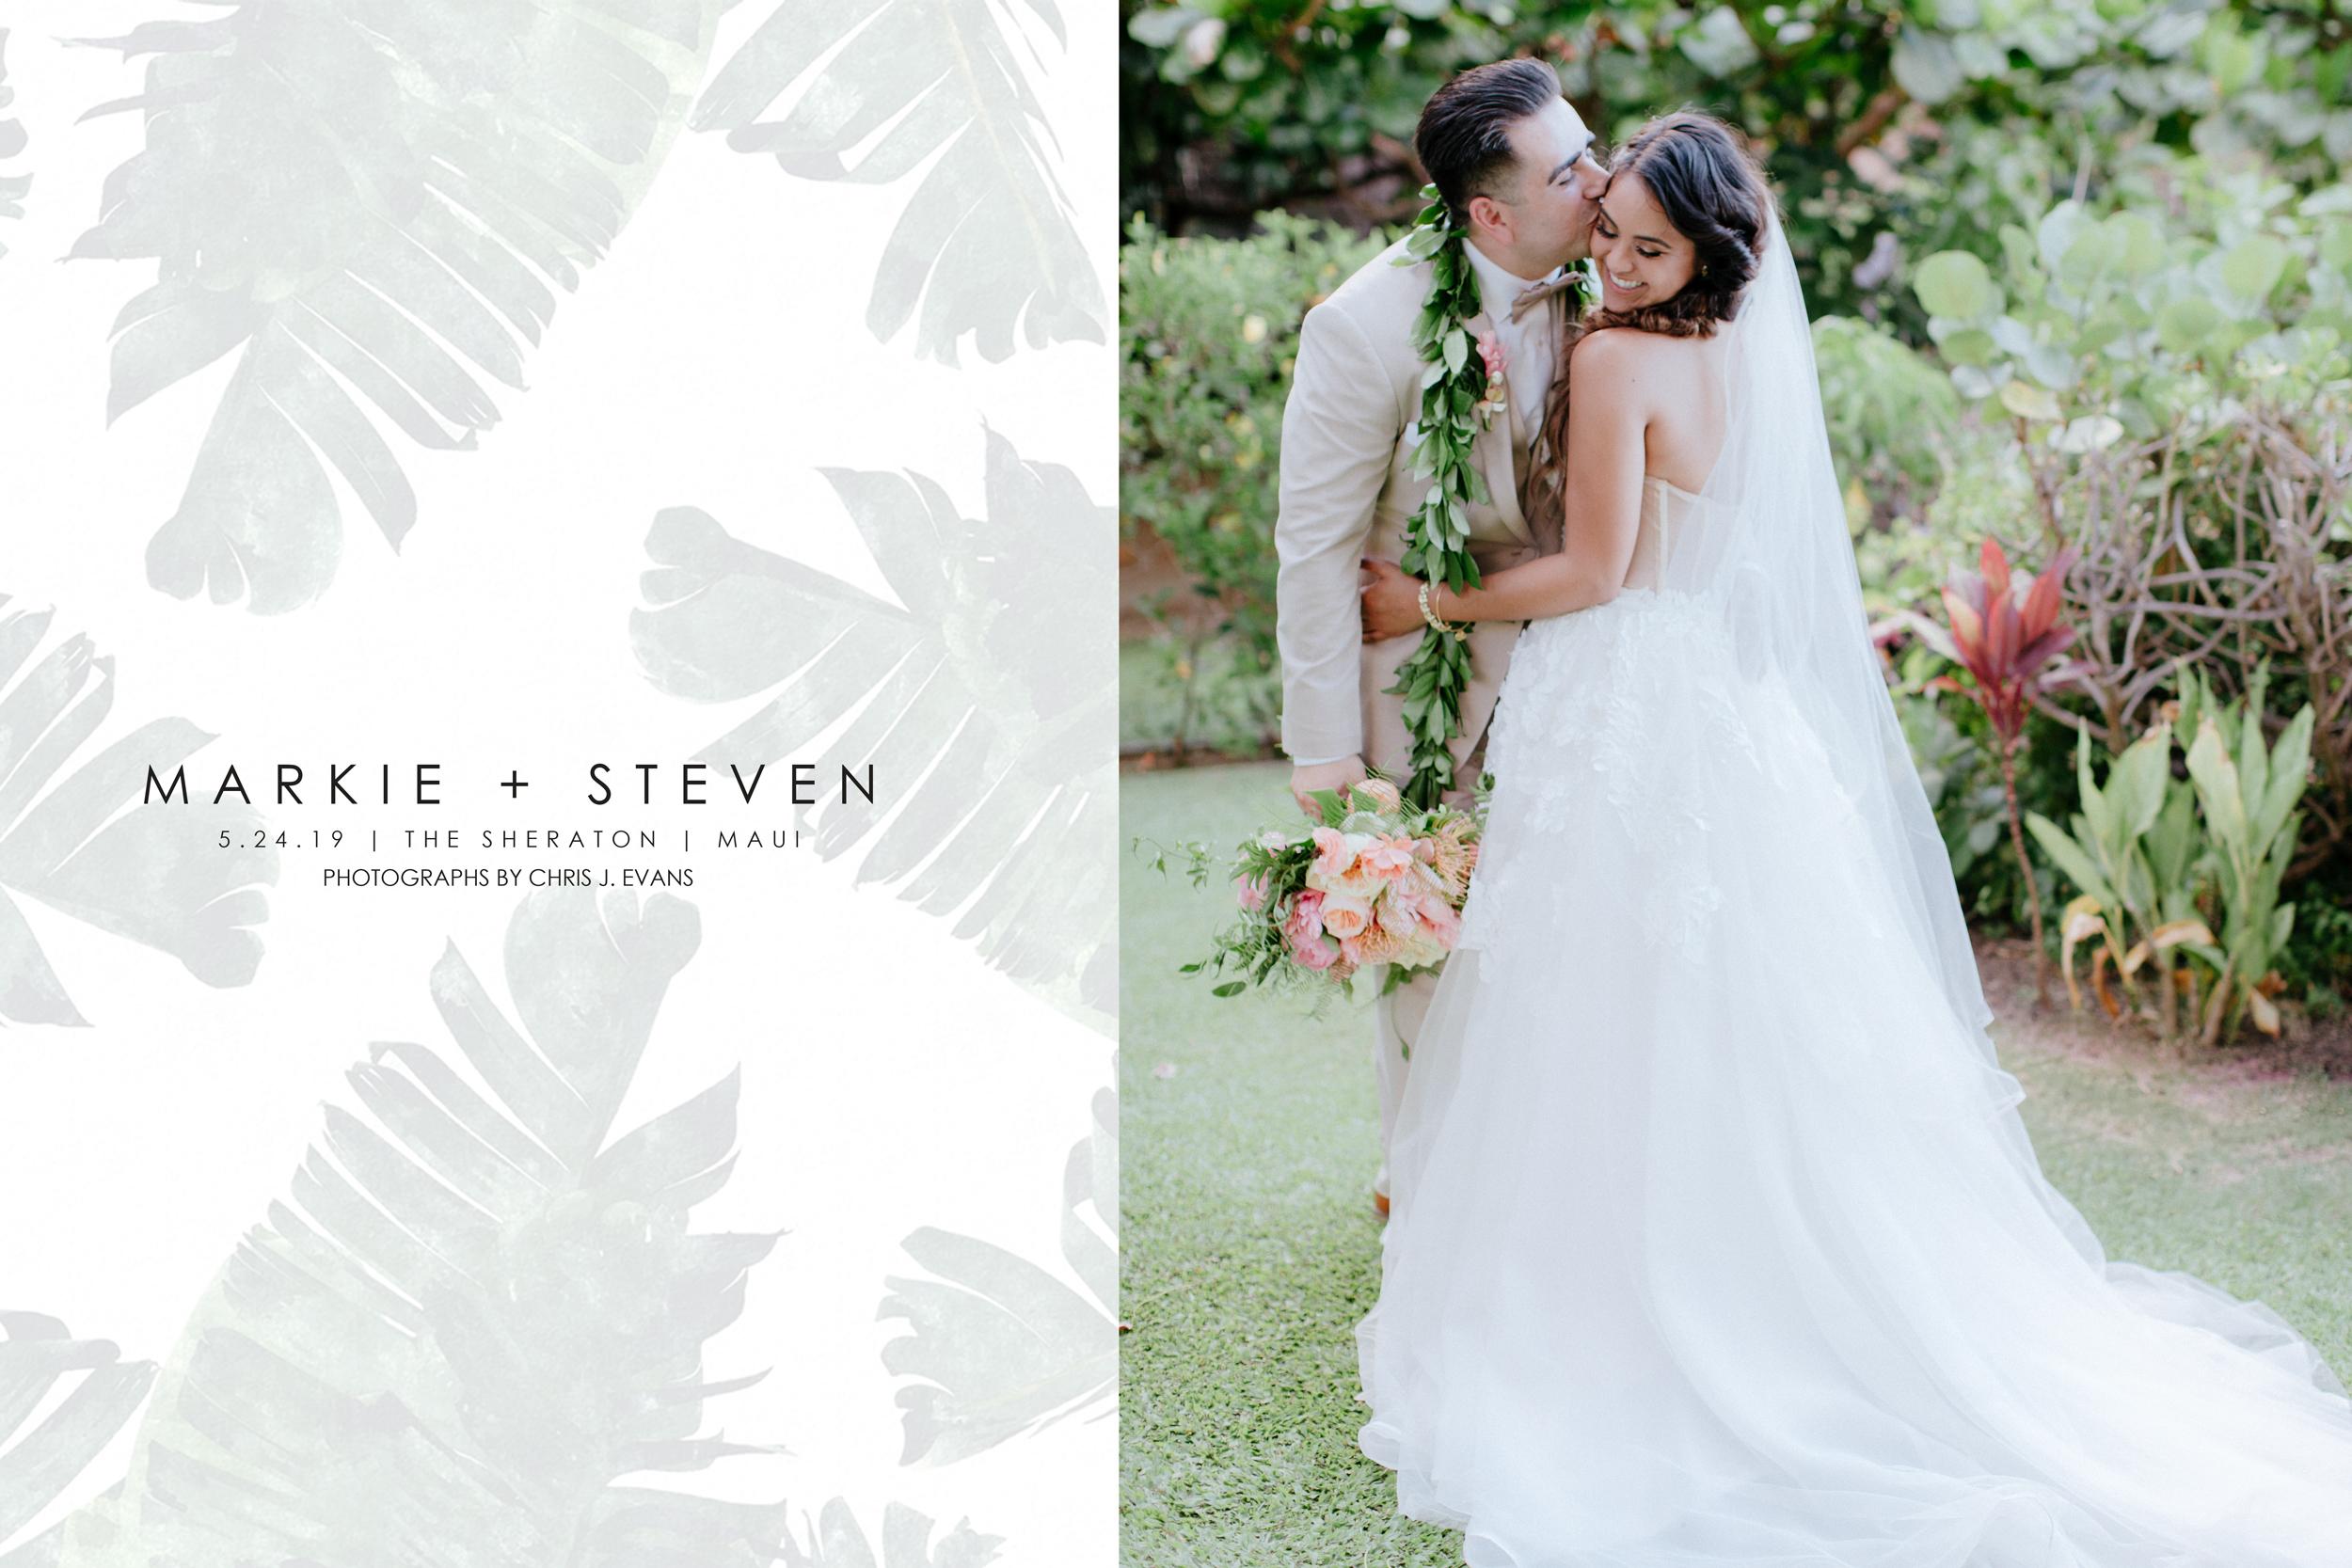 c8794cb701 5.30.19 Sugar Beach, Maui wedding | destination wedding photographer chris  j. evans